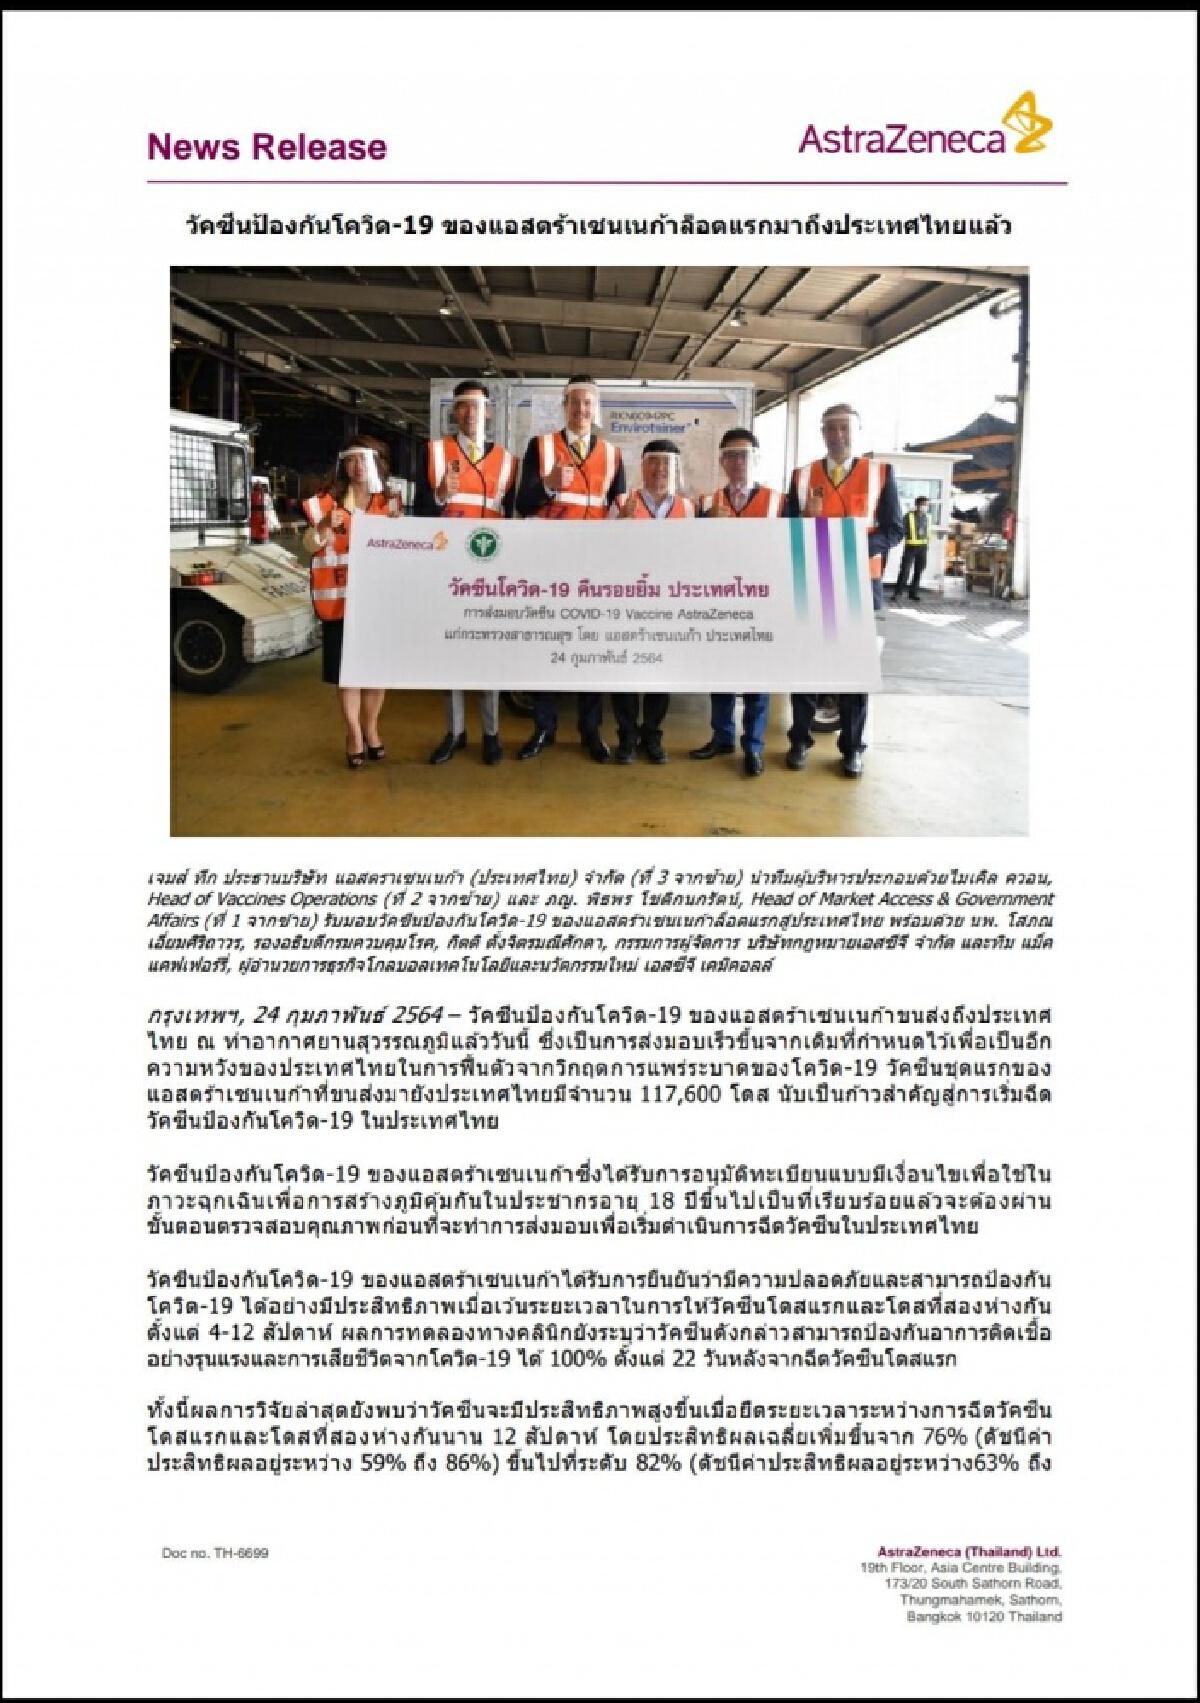 วัคซีนโควิด-19แอสตร้าเซนเนก้าล็อตผลิตในต่างประเทศถึงไทยแล้ว 1.17 แสนโดส